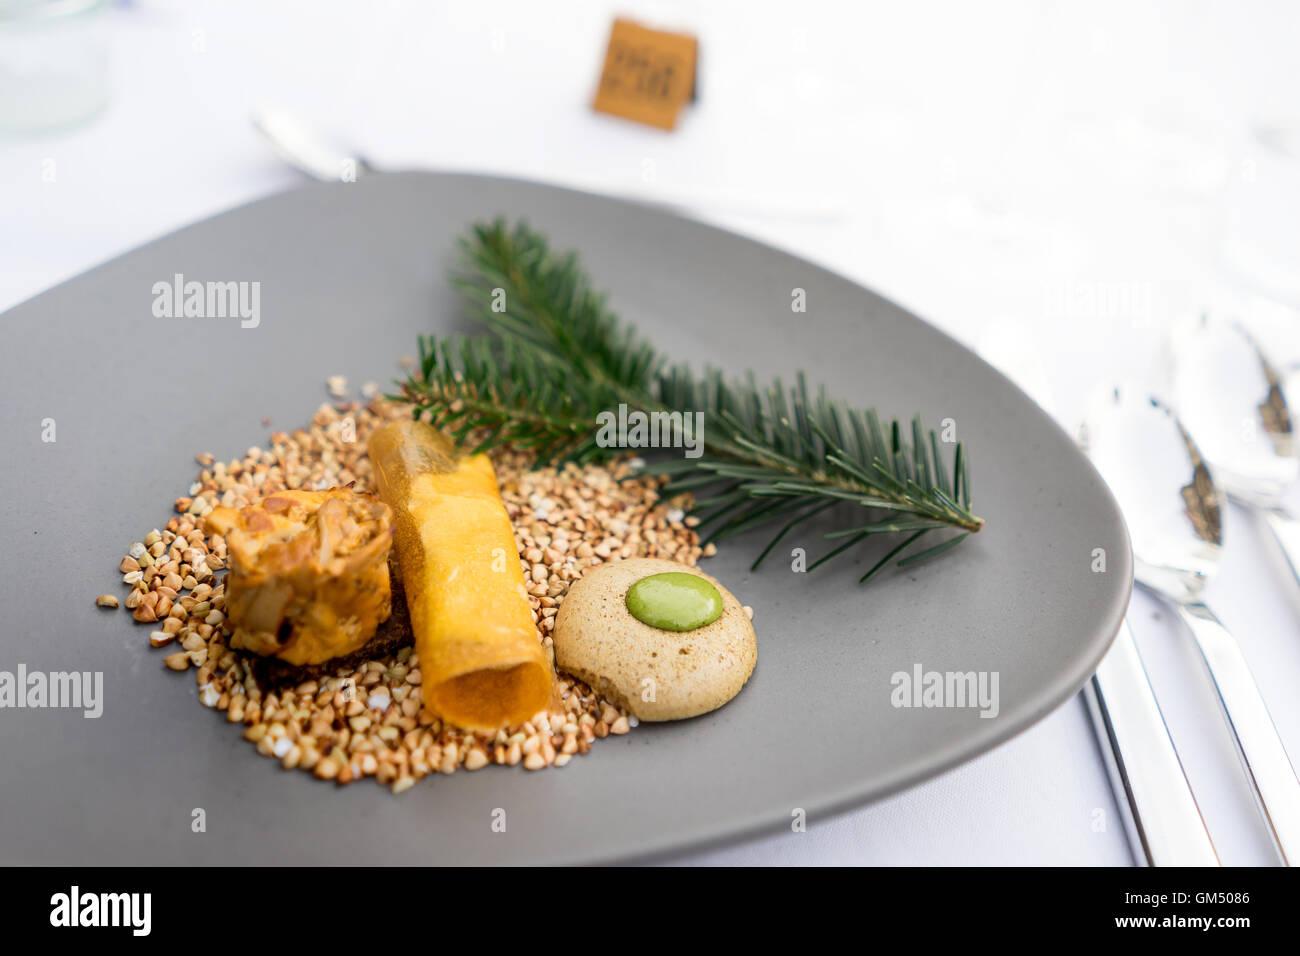 """Primo corso presso la """"Langen Tafel der Genusshauptstadt Graz' con i funghi e le erbe sul grano saraceno Immagini Stock"""